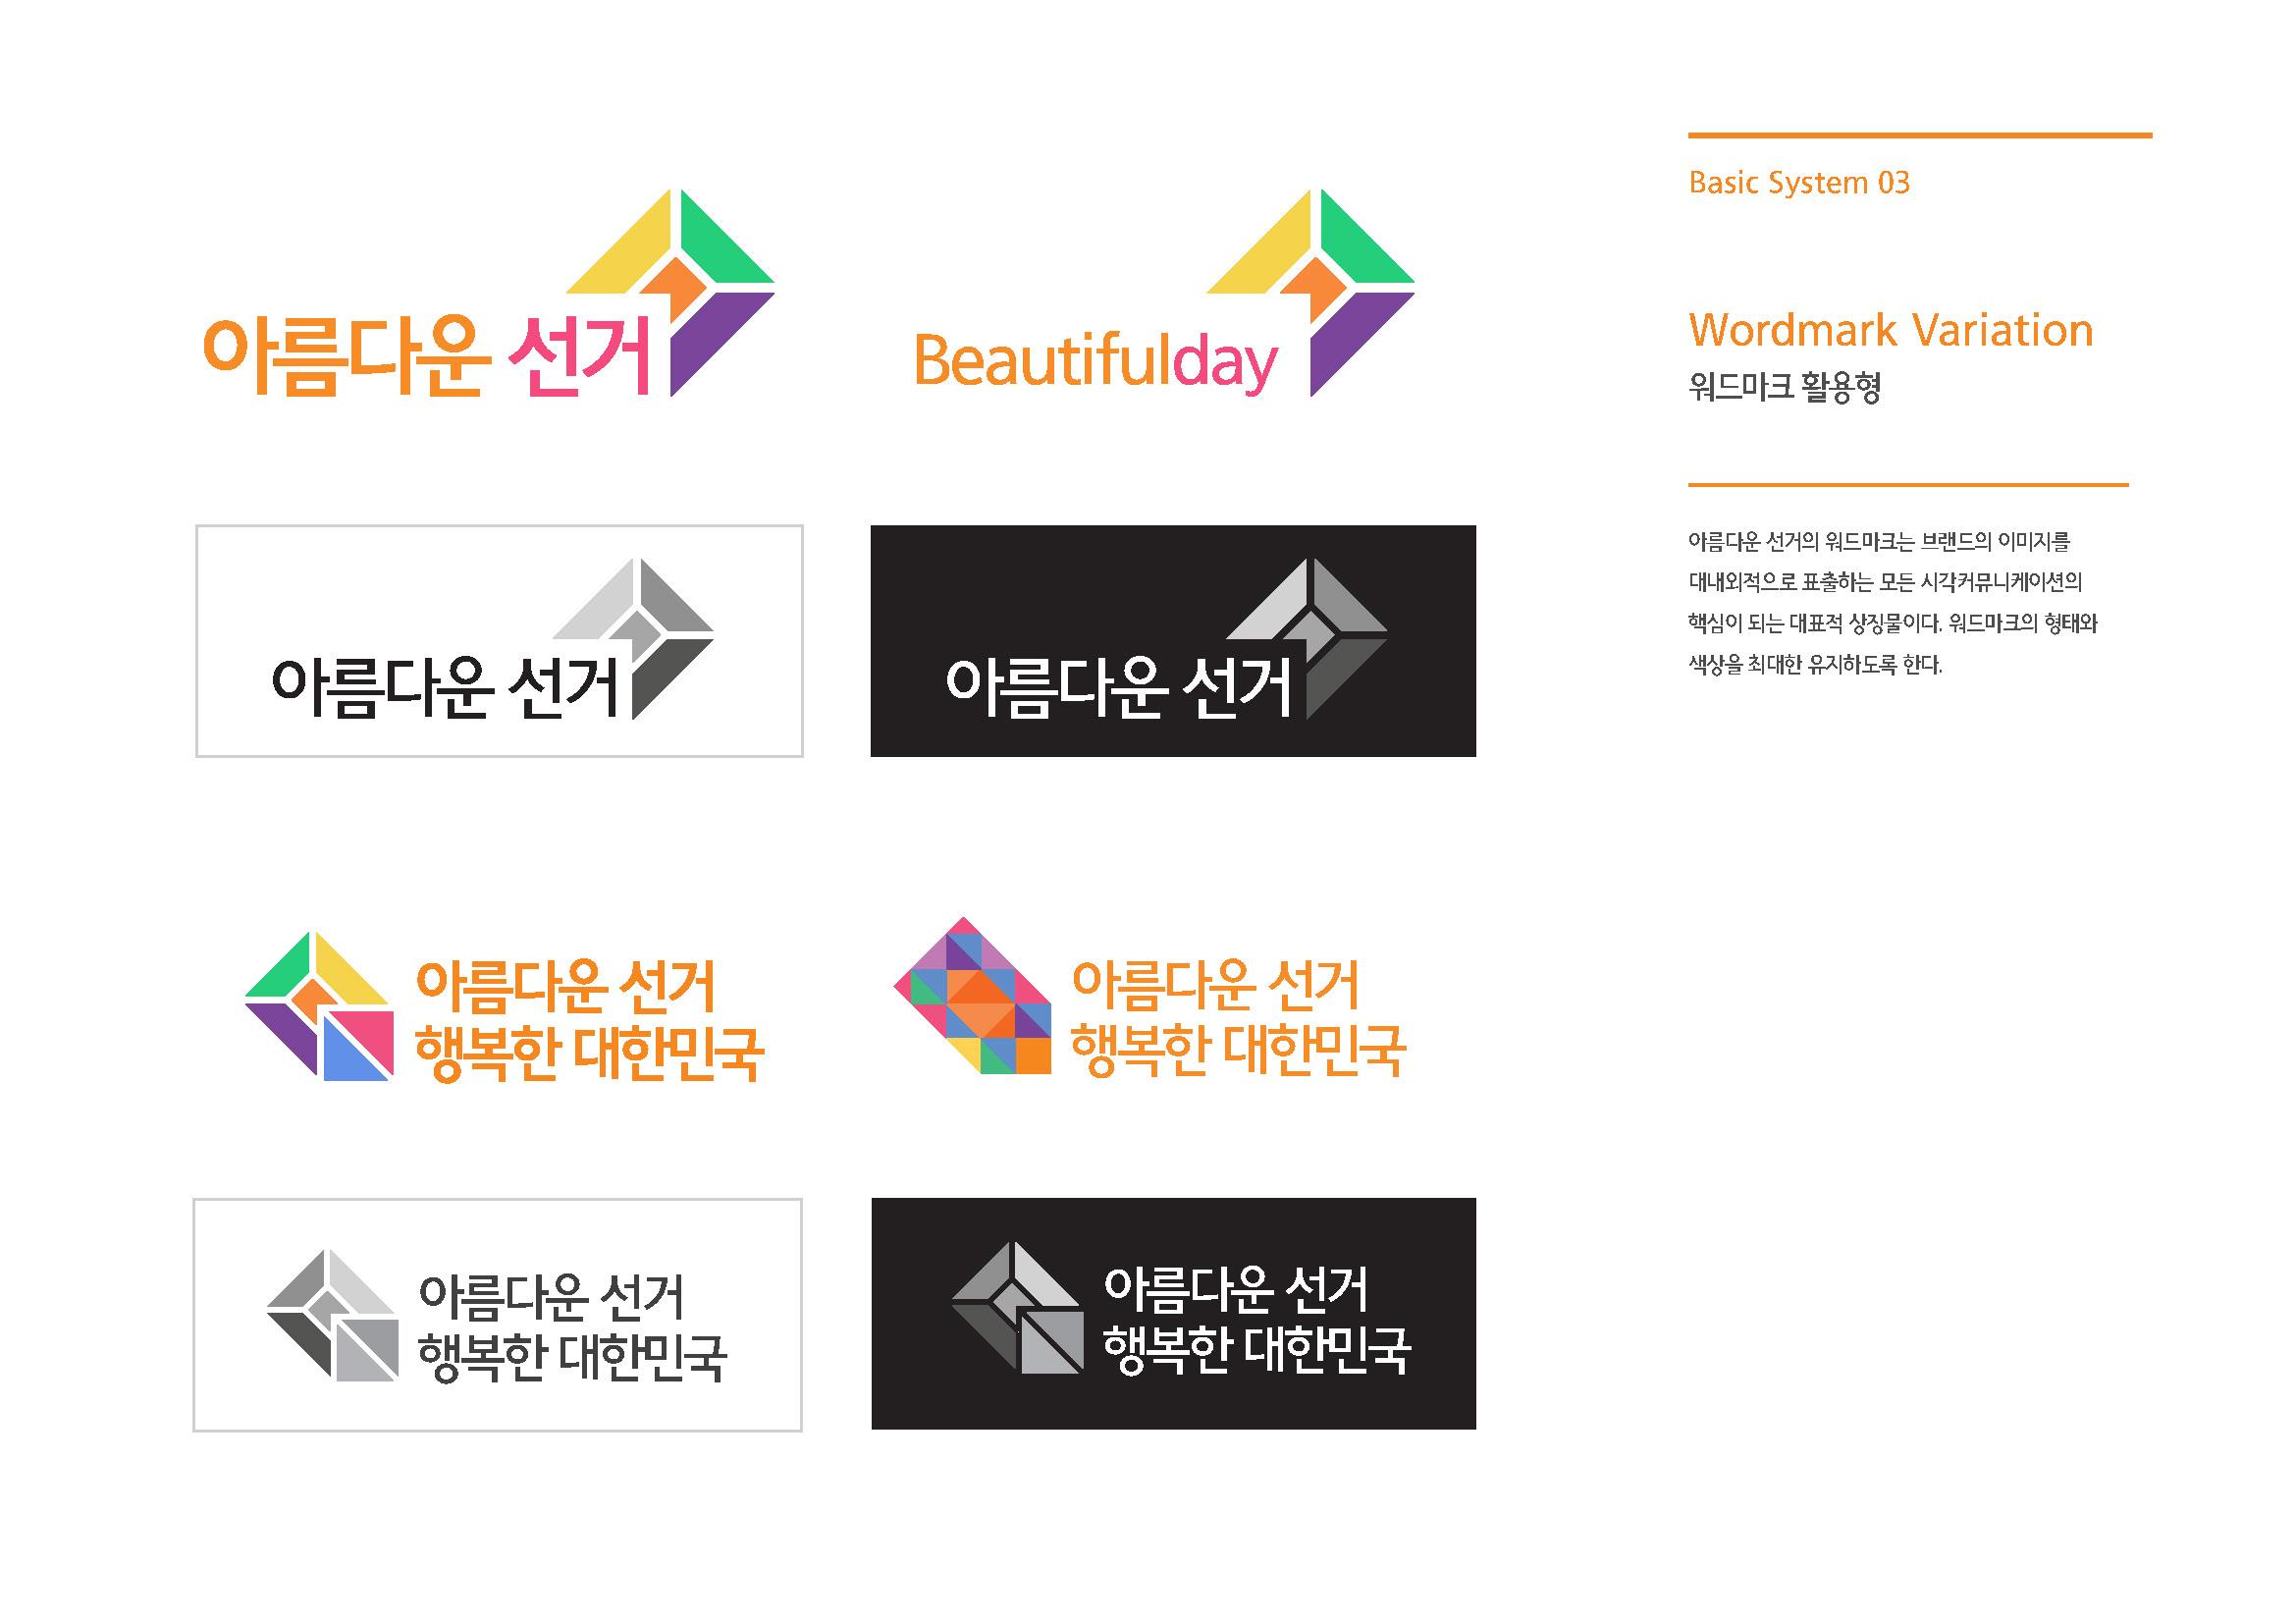 아름다운선거 BI 디자인 가이드라인_v1.3_20170309_페이지_07